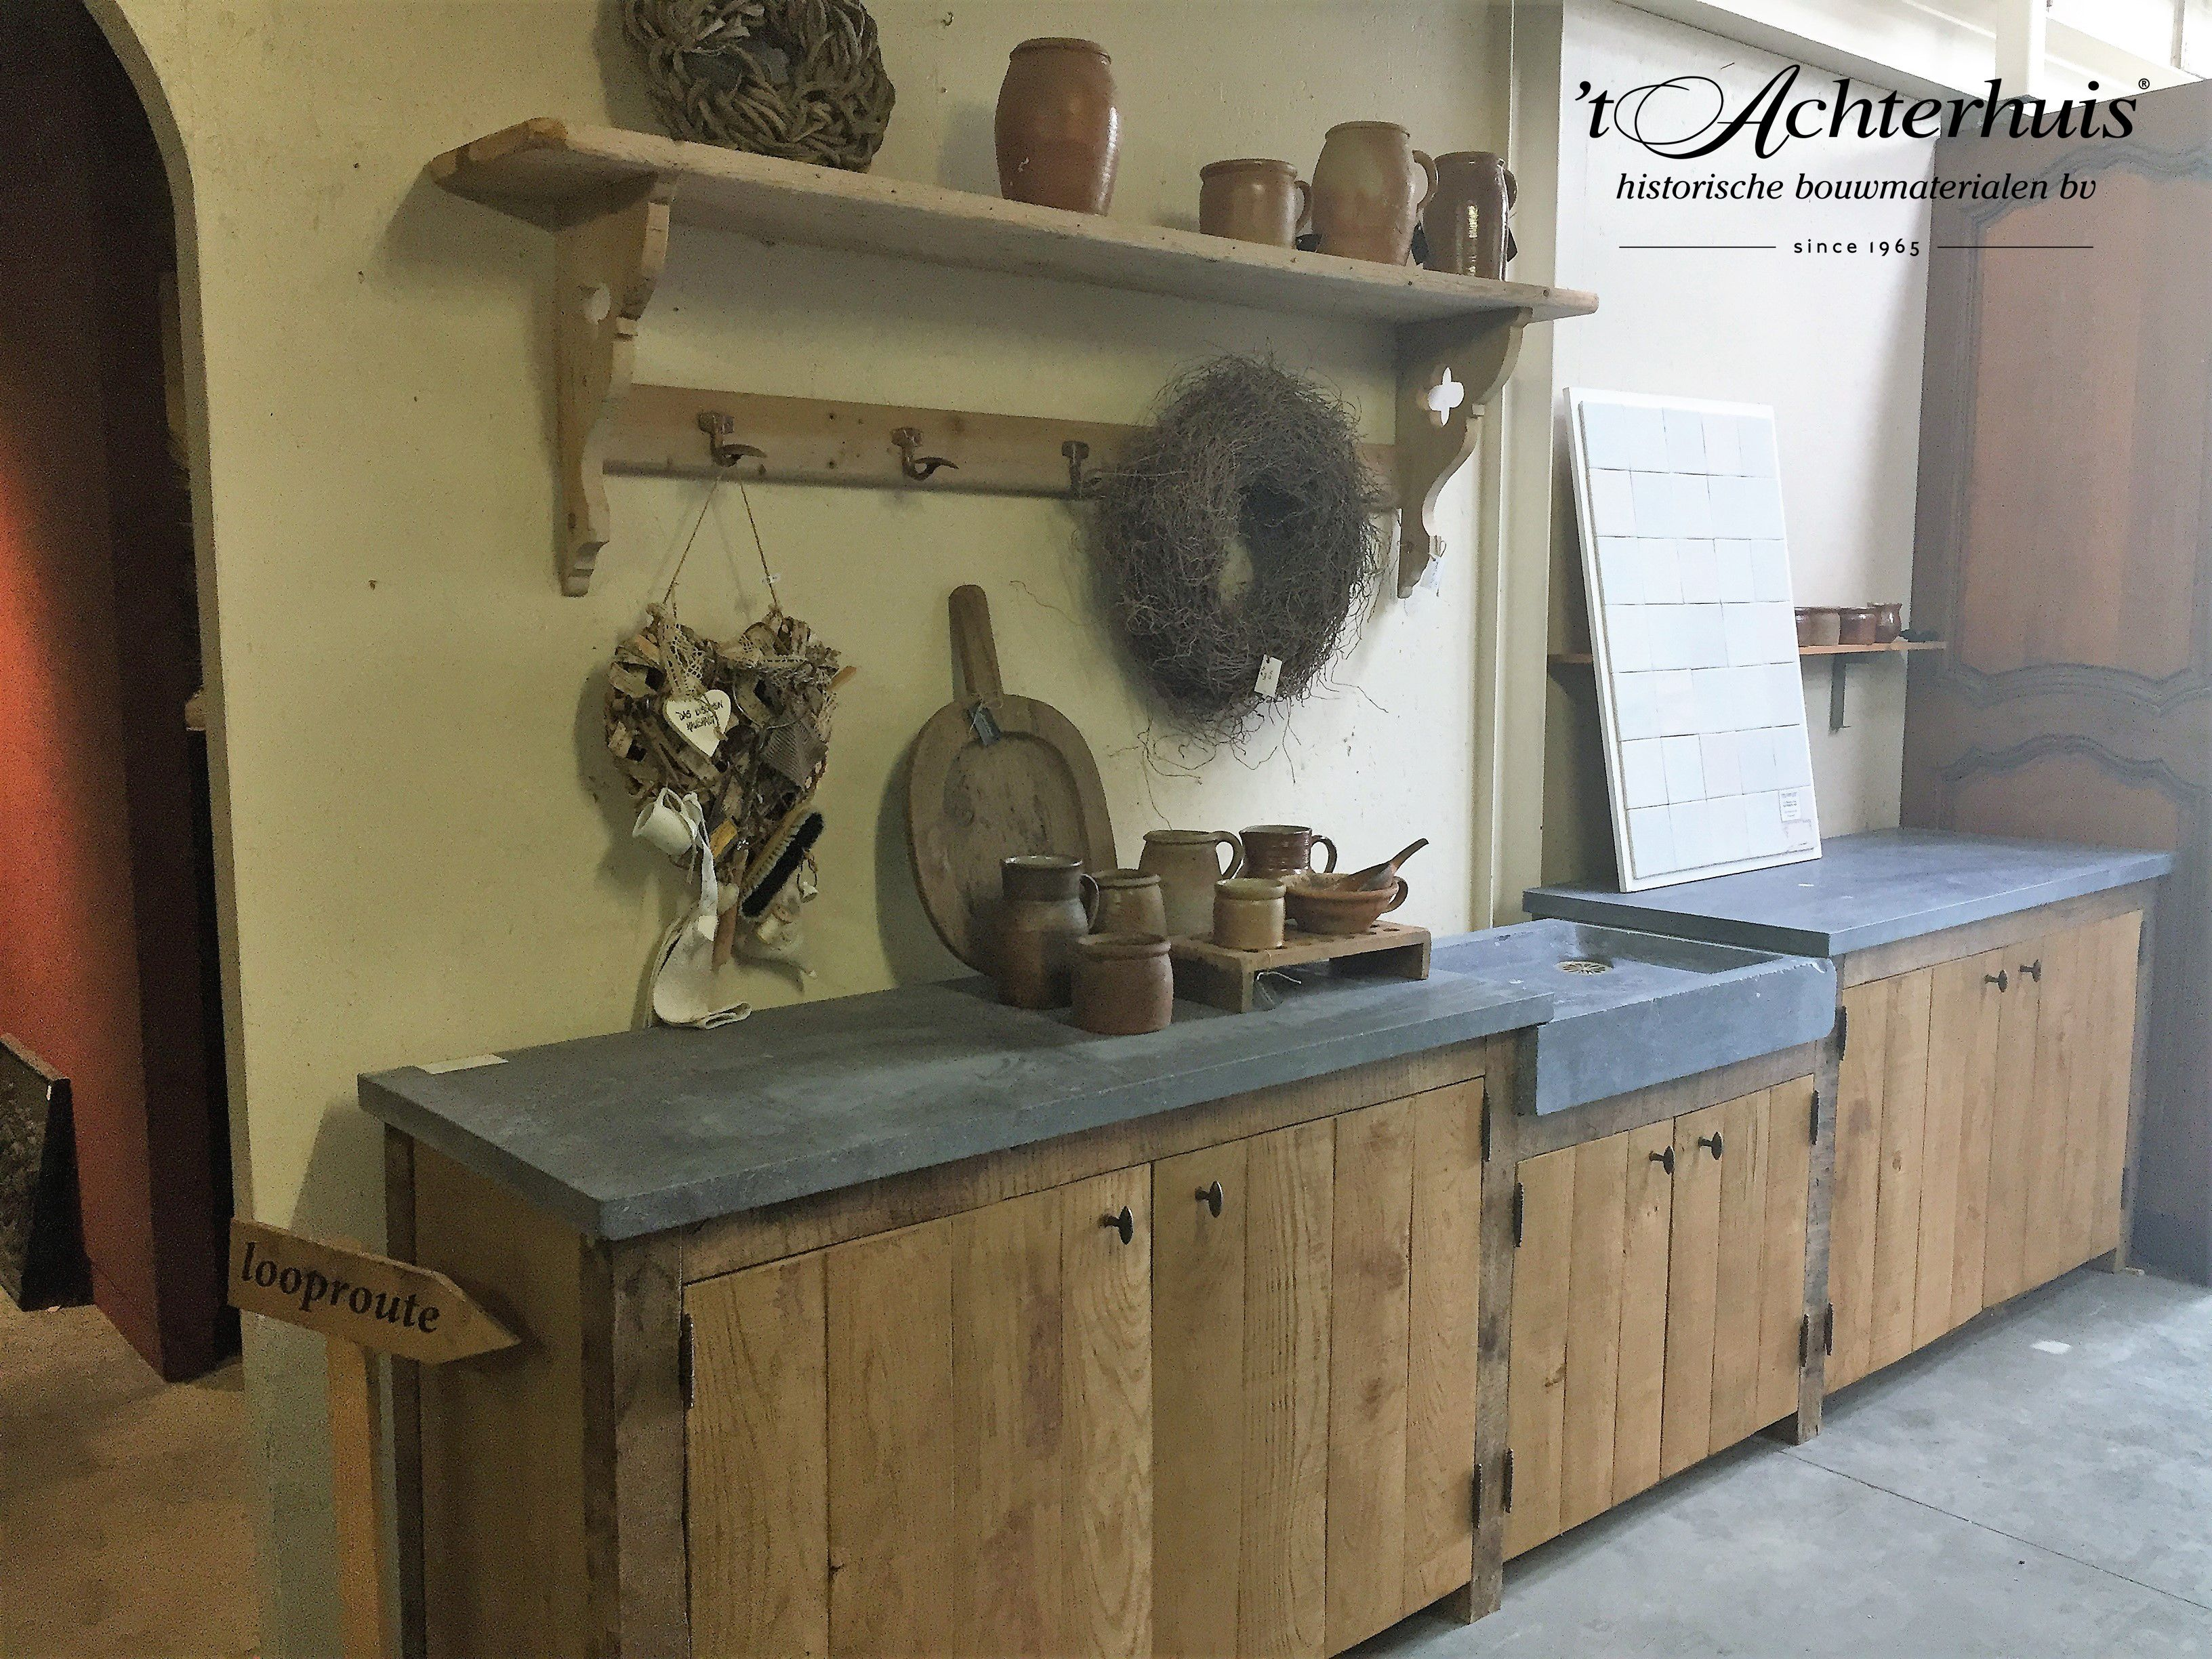 Zelfgemaakte landelijke keuken met oude bouwmaterialen afkomstig van